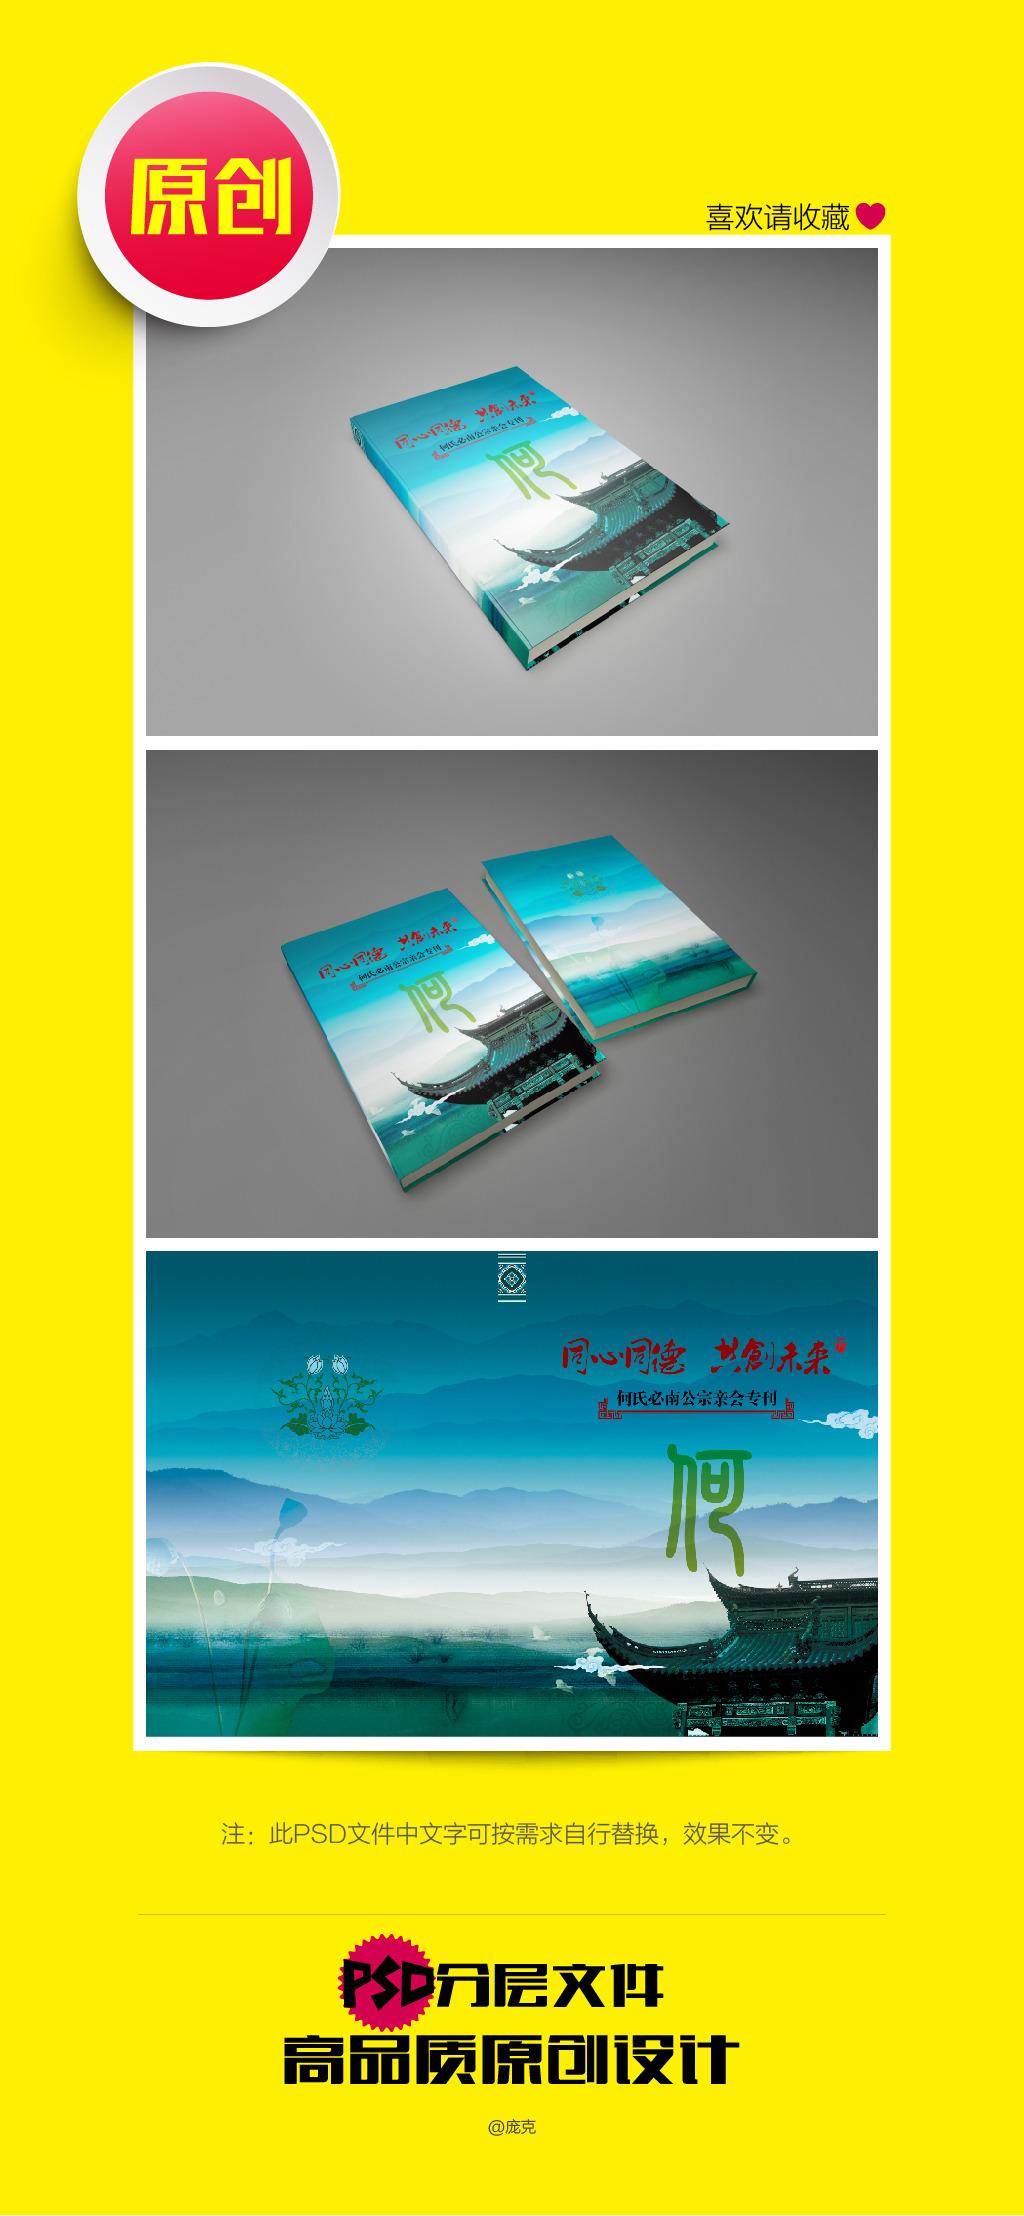 新中国风家族 族谱文化 典籍封面设计模板下载